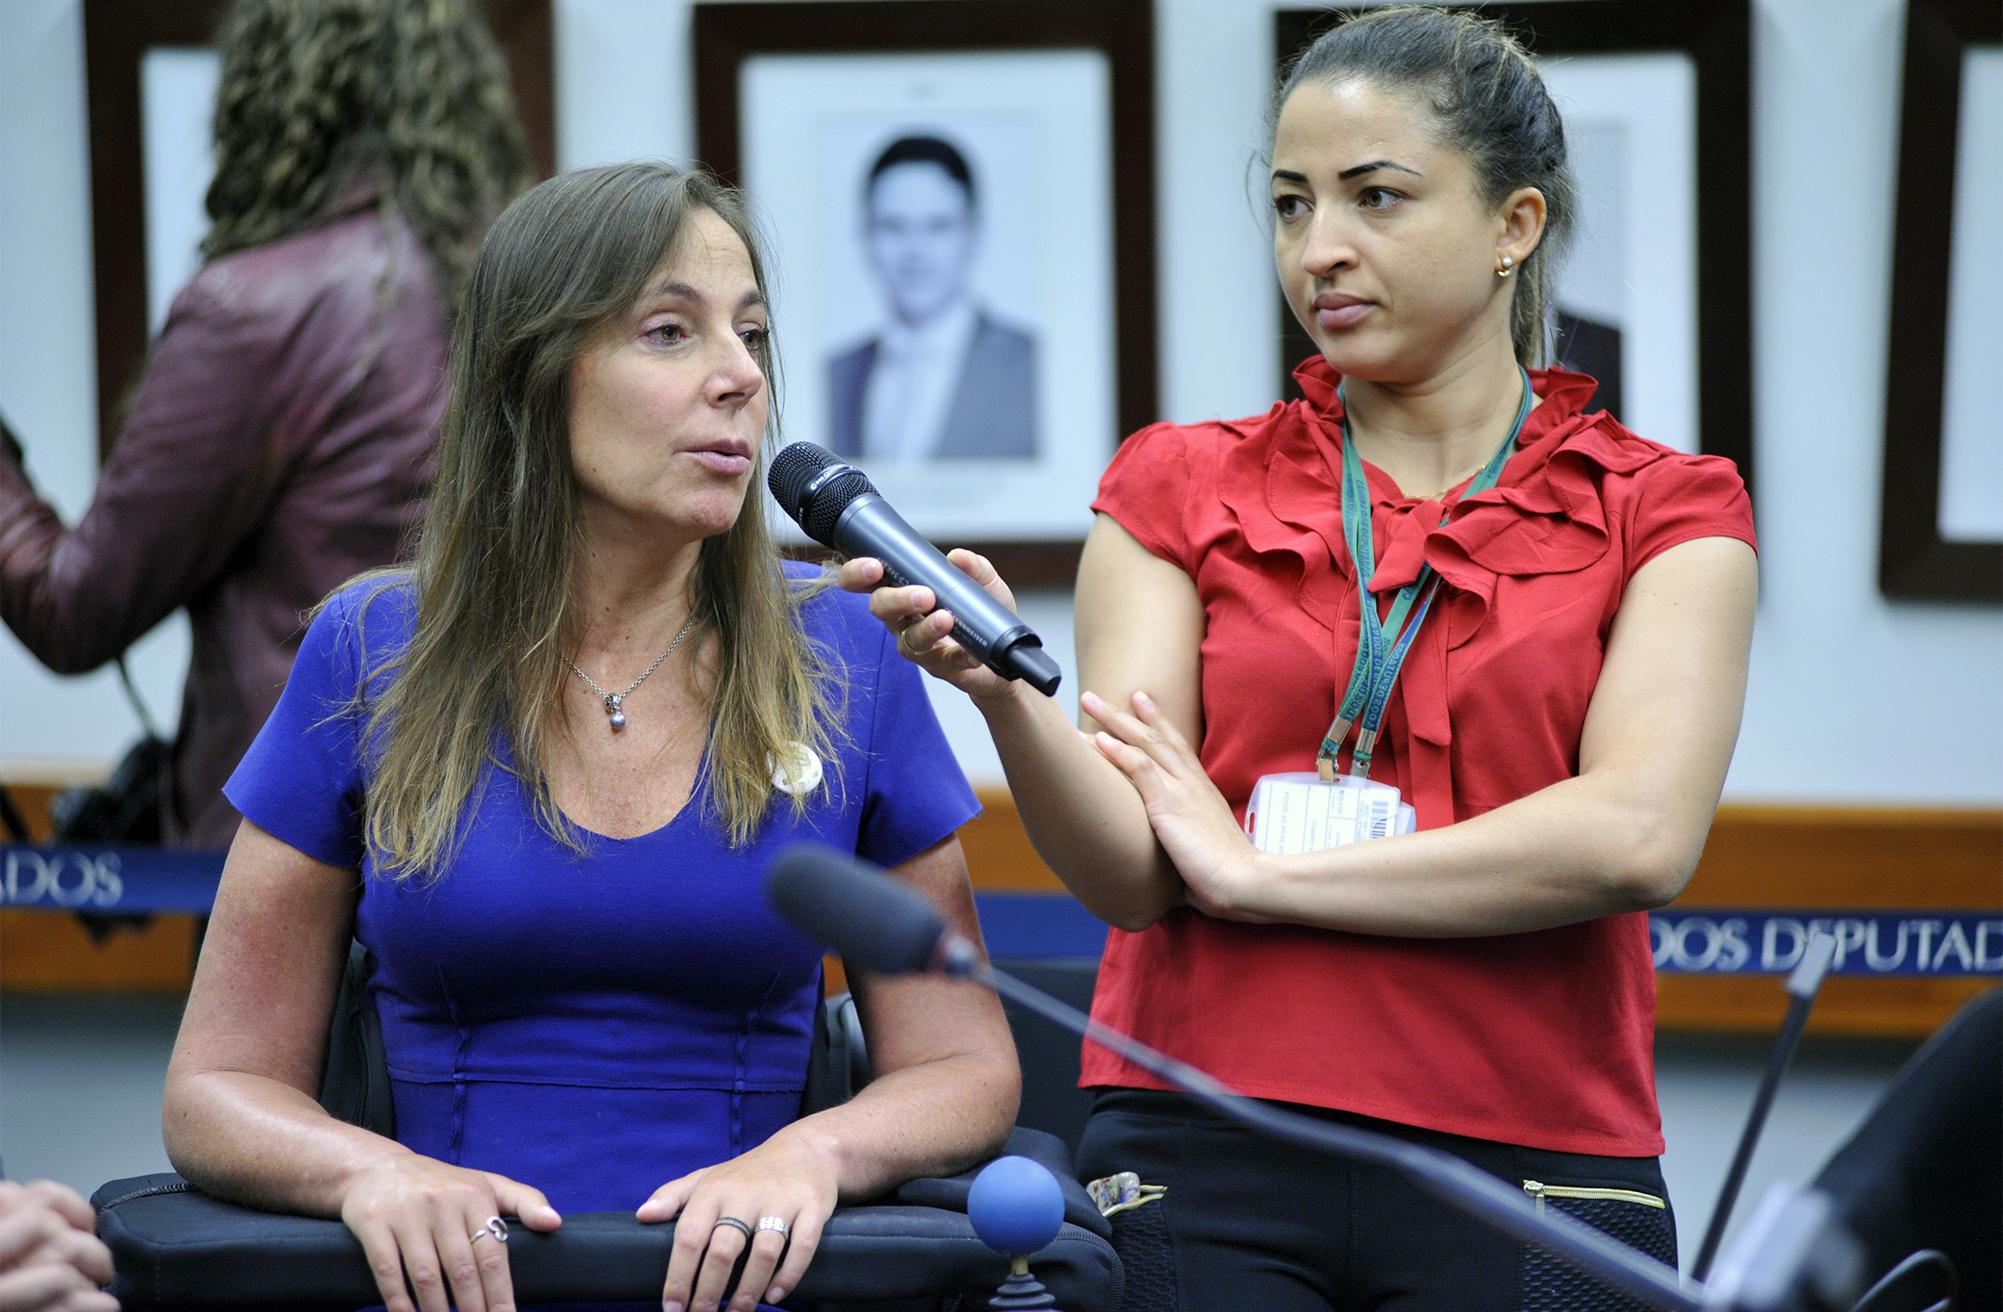 Audiência pública sobre a oferta de veículo adaptado para o treinamento de pessoas com deficiência, pelos Centros de Formação de Condutores. Dep. Mara Gabrilli (PSDB - SP)